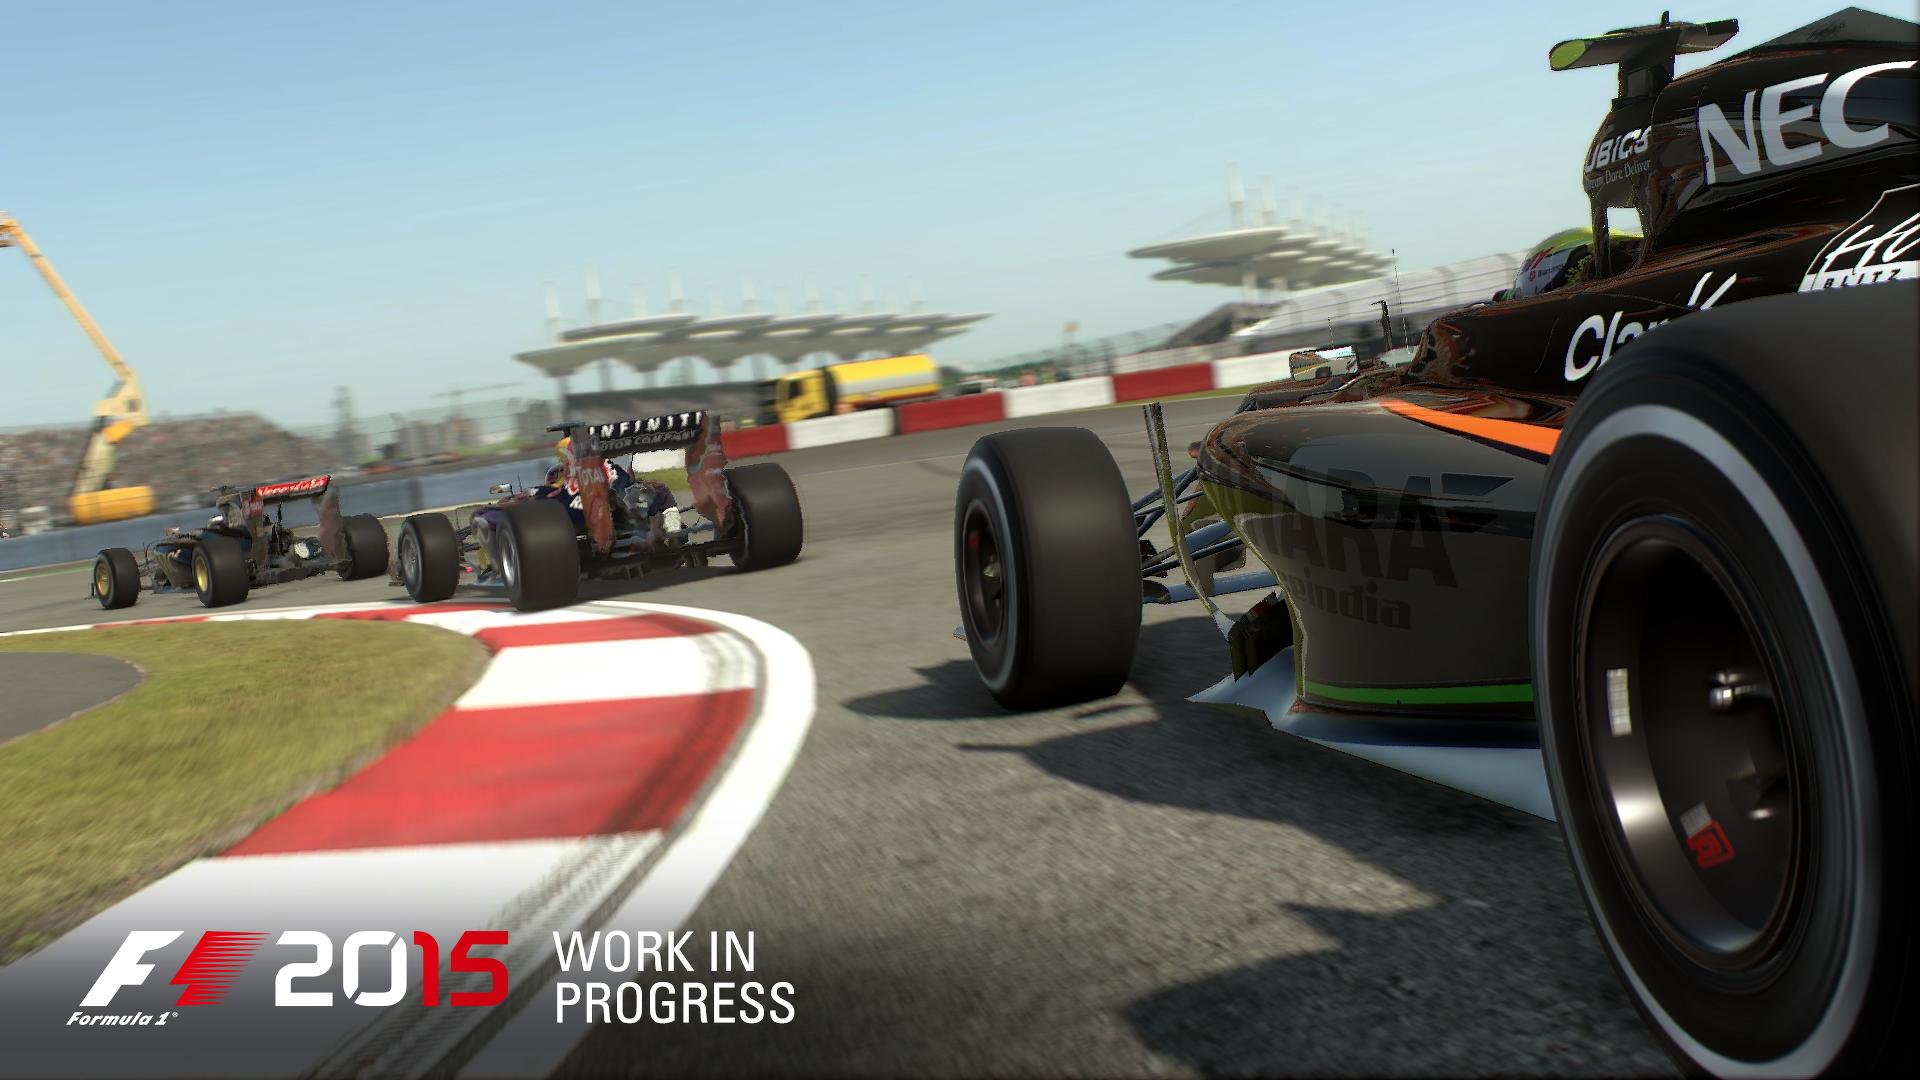 Nové obrázky z F1 2015 108008